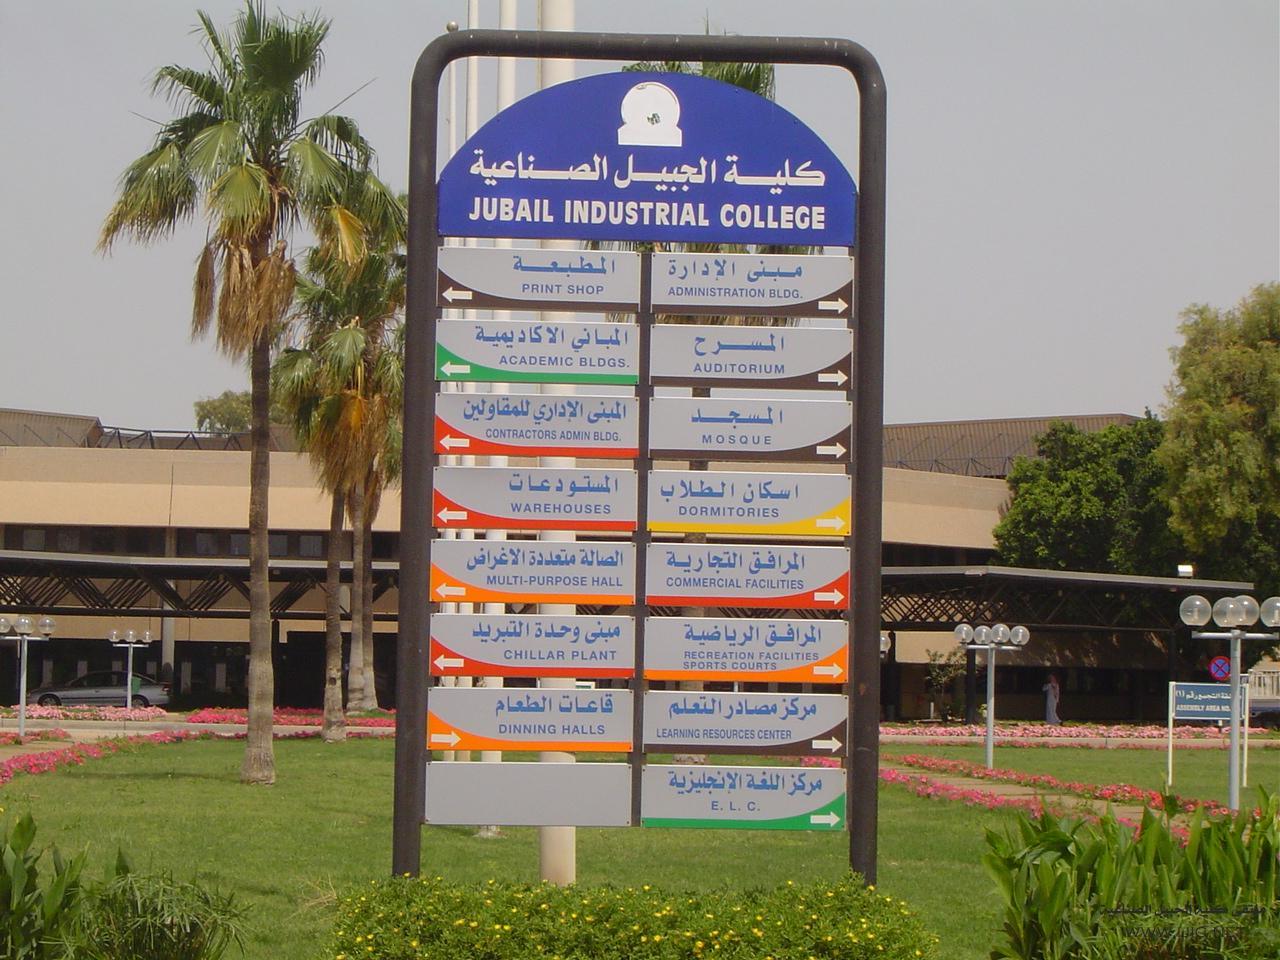 7 وظائف شاغرة للسعوديين في كلية الجبيل الصناعية